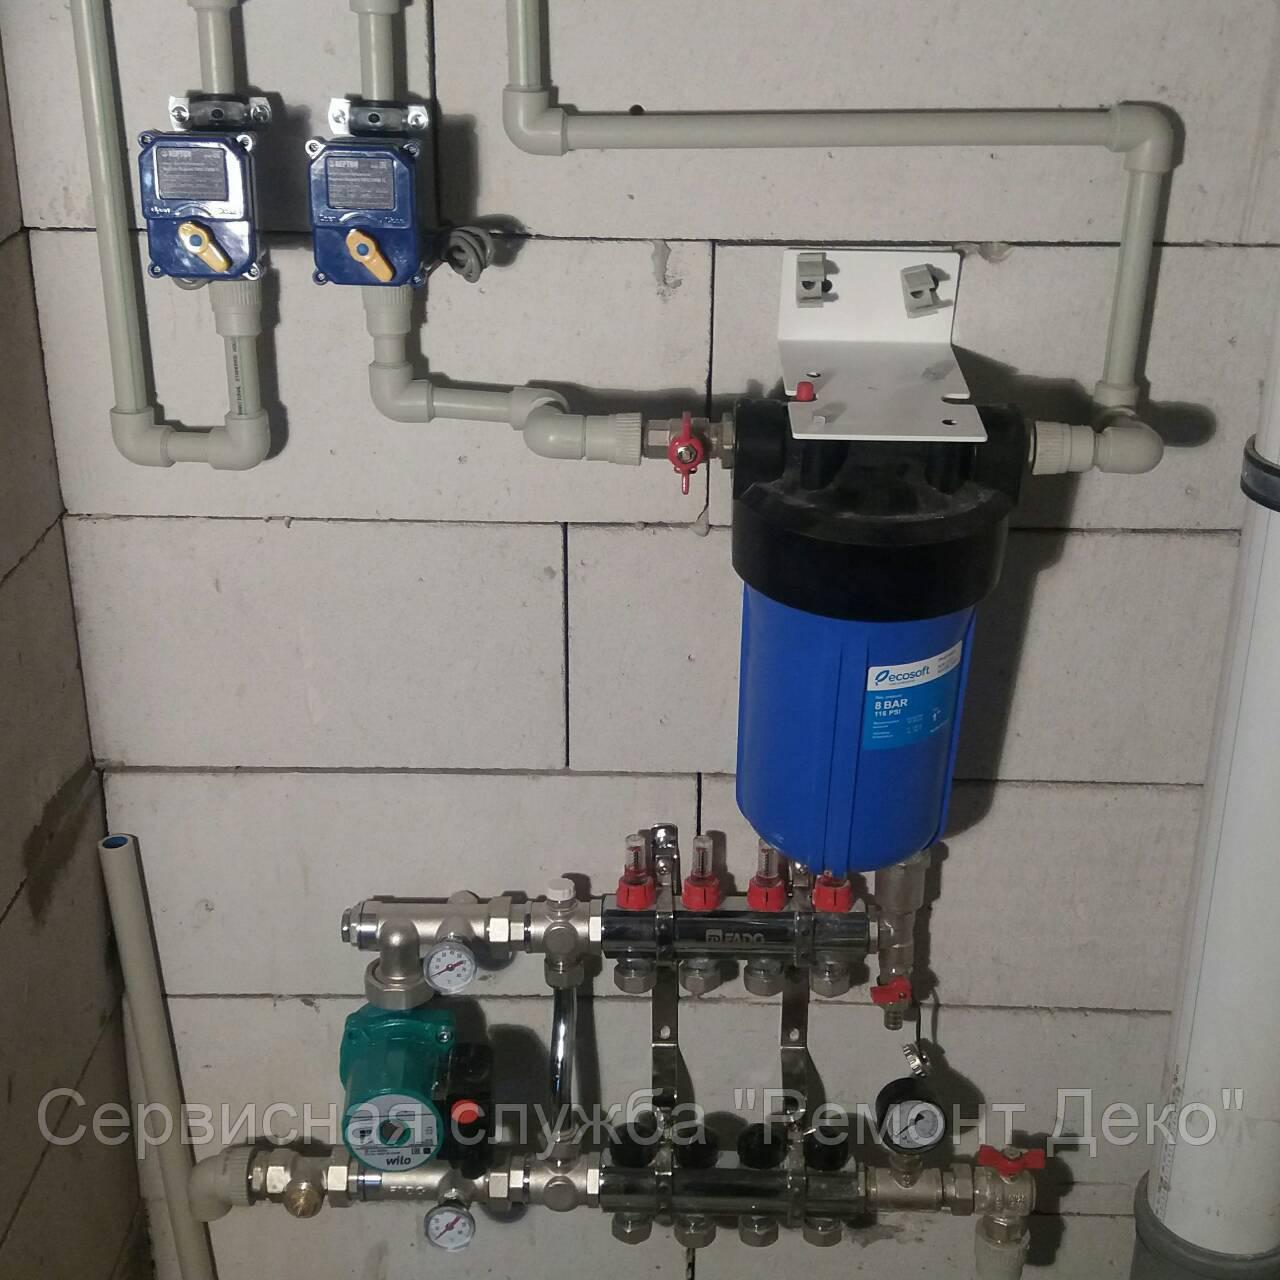 Викликати сантехніка сантехніка в Миколаєві.Послуги сантехніка Миколаїв